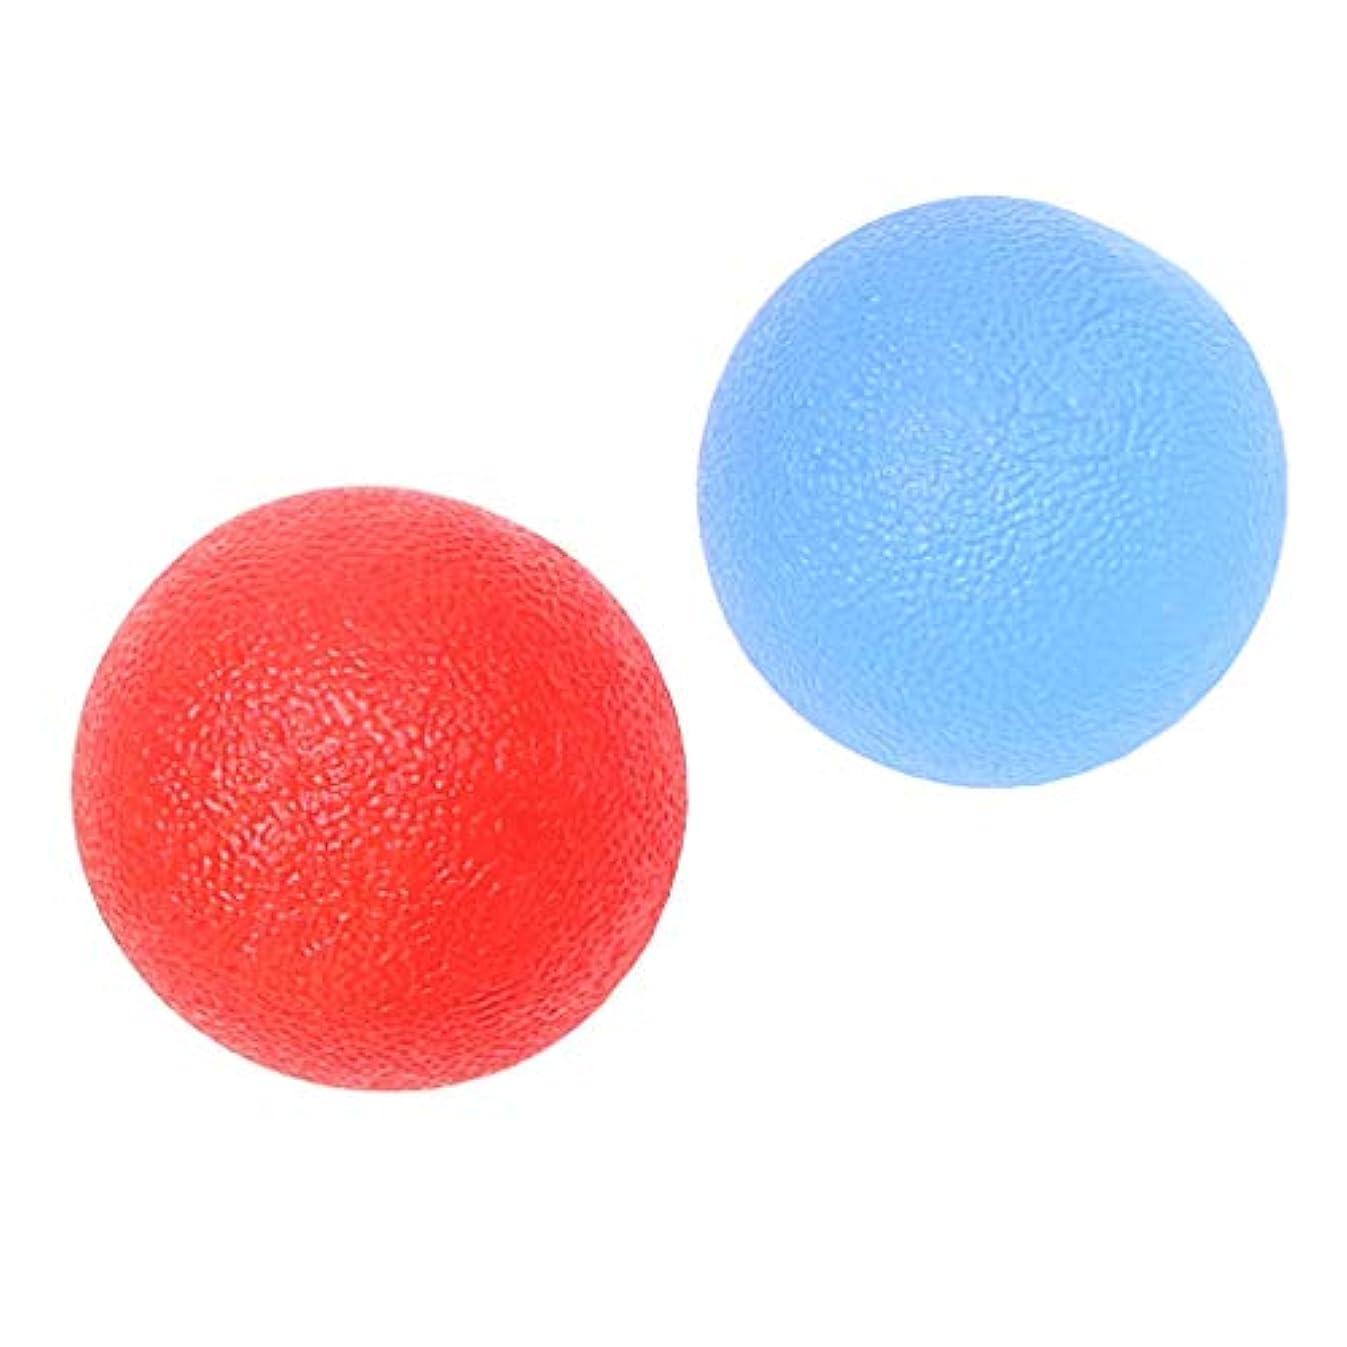 アルファベット後者スタジオFLAMEER 2個 ハンドエクササイズボール ハンドグリップ シリコン 指トレーニング ストレス緩和 柔軟 赤/青